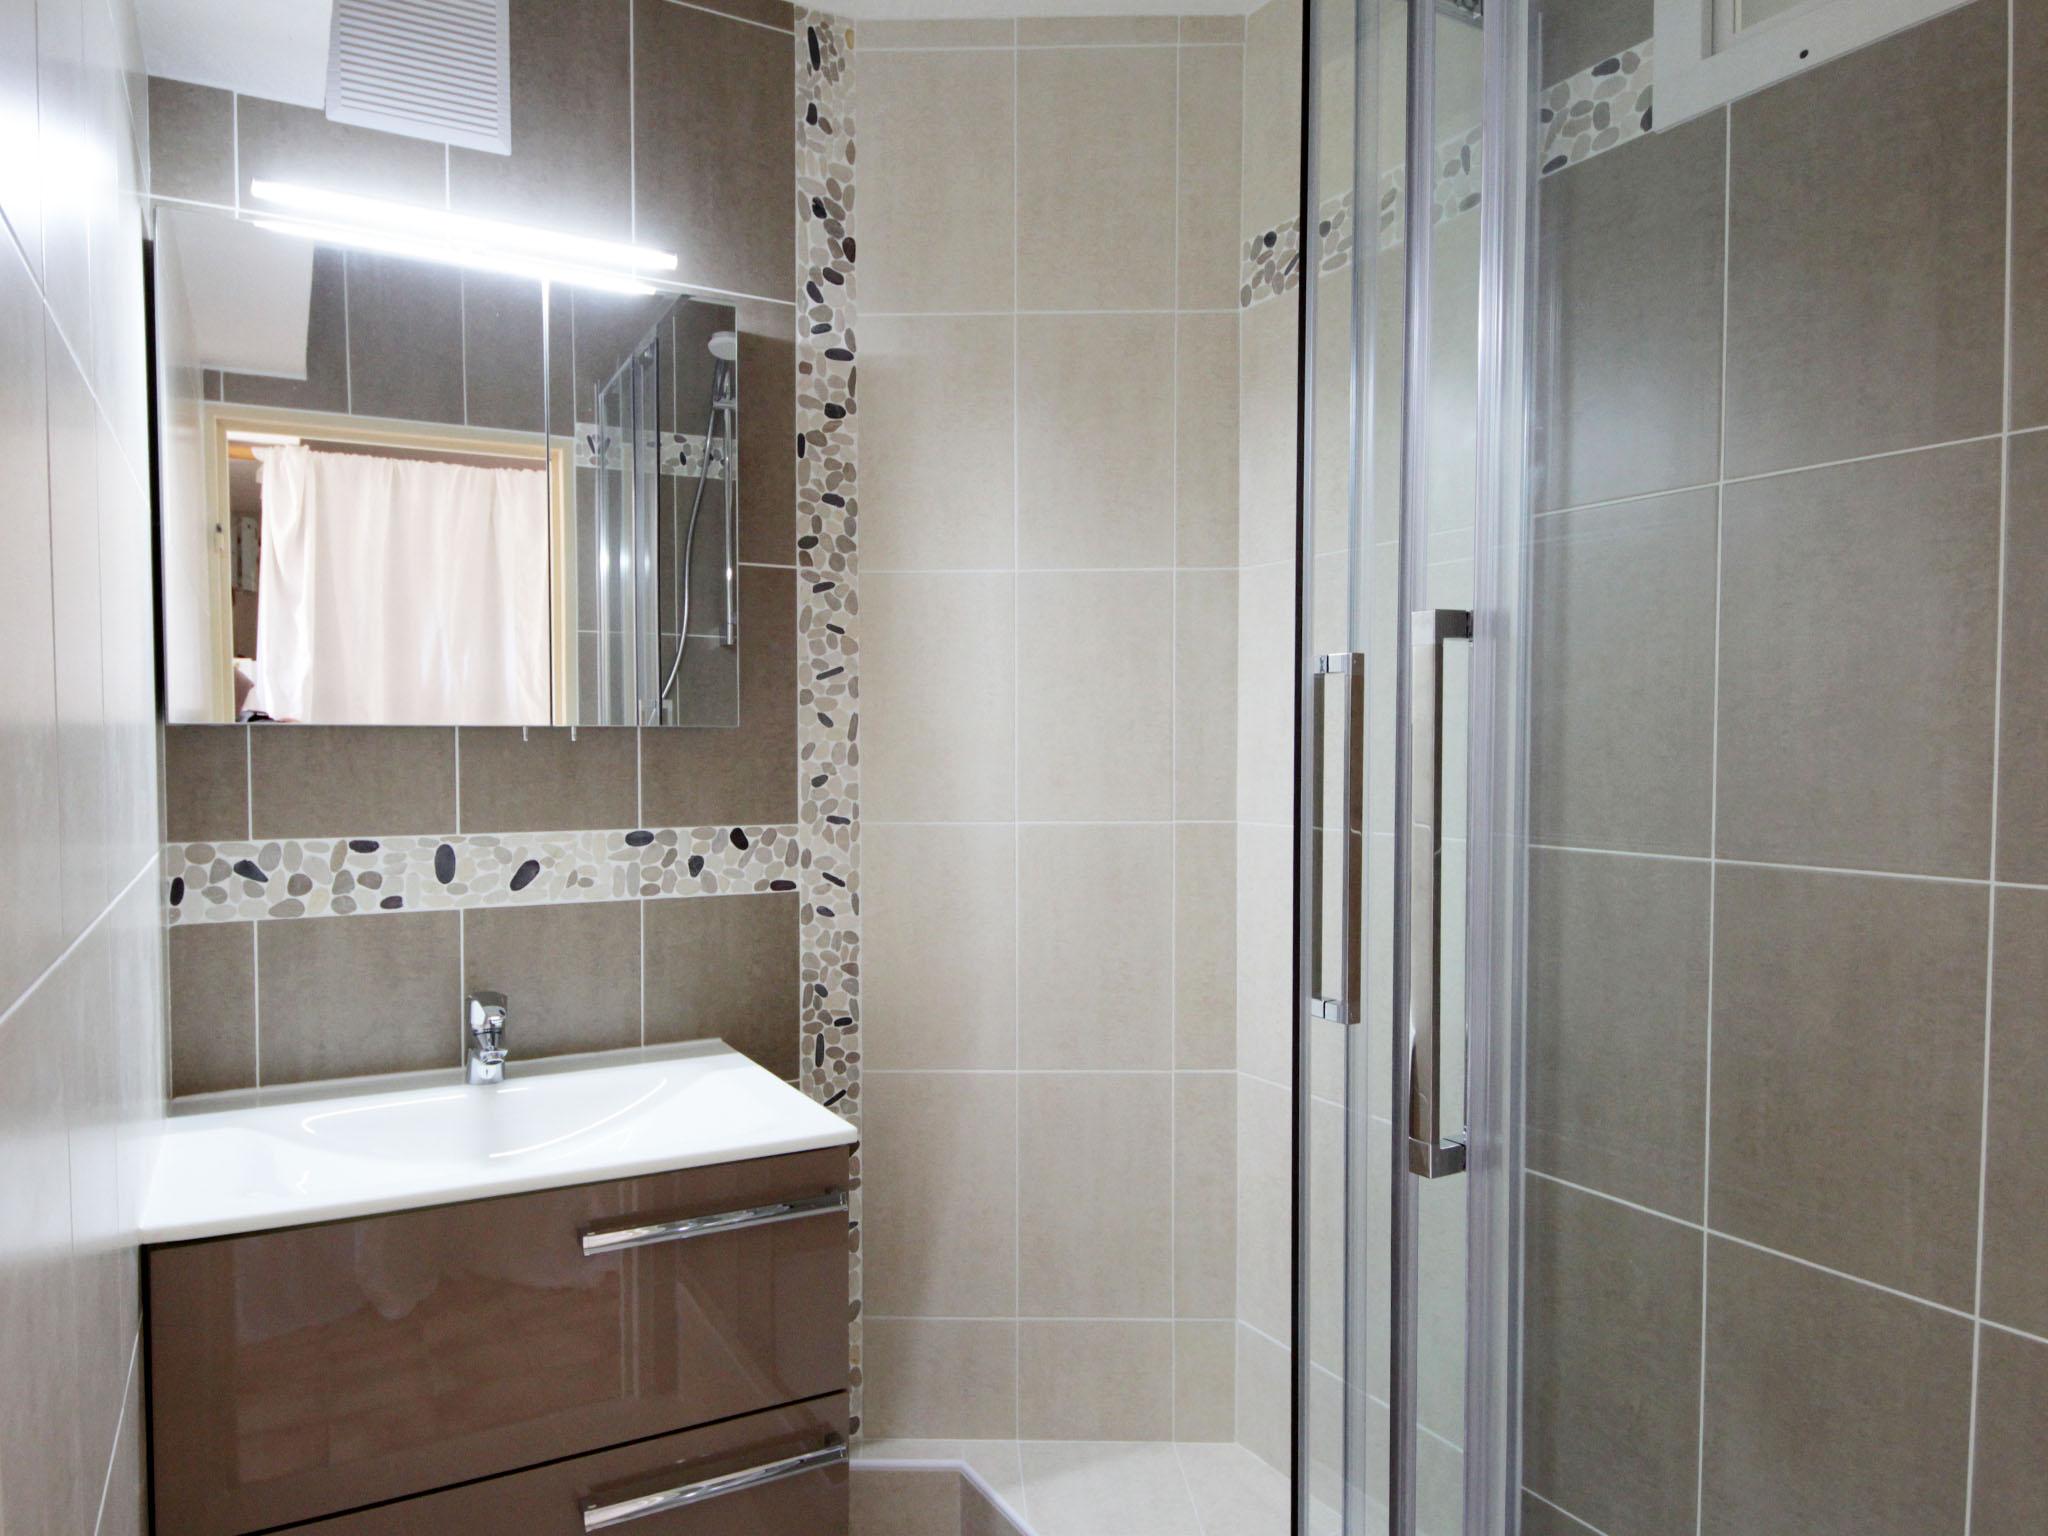 Travaux de renovation d 39 interieur cuisine salle de for Peinture carrelage salle de bains